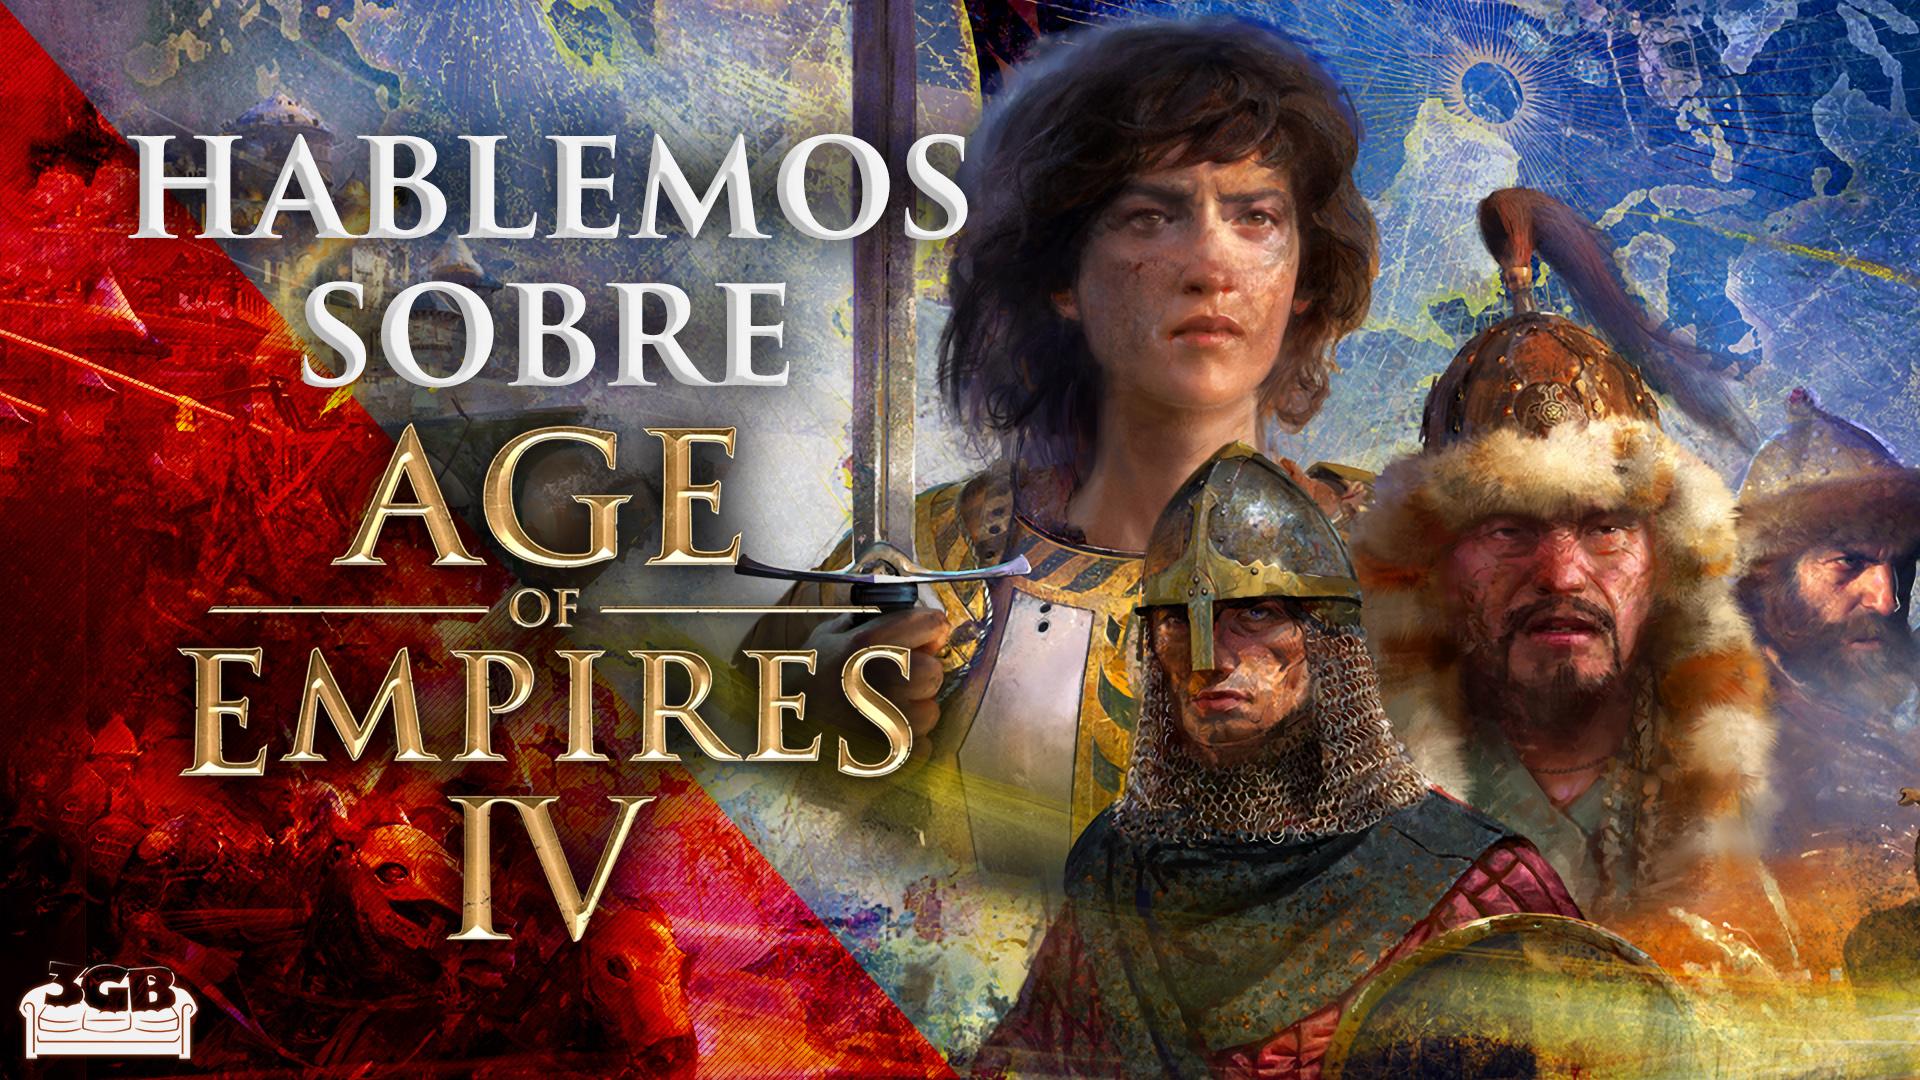 Hablemos sobre Age of Empires IV